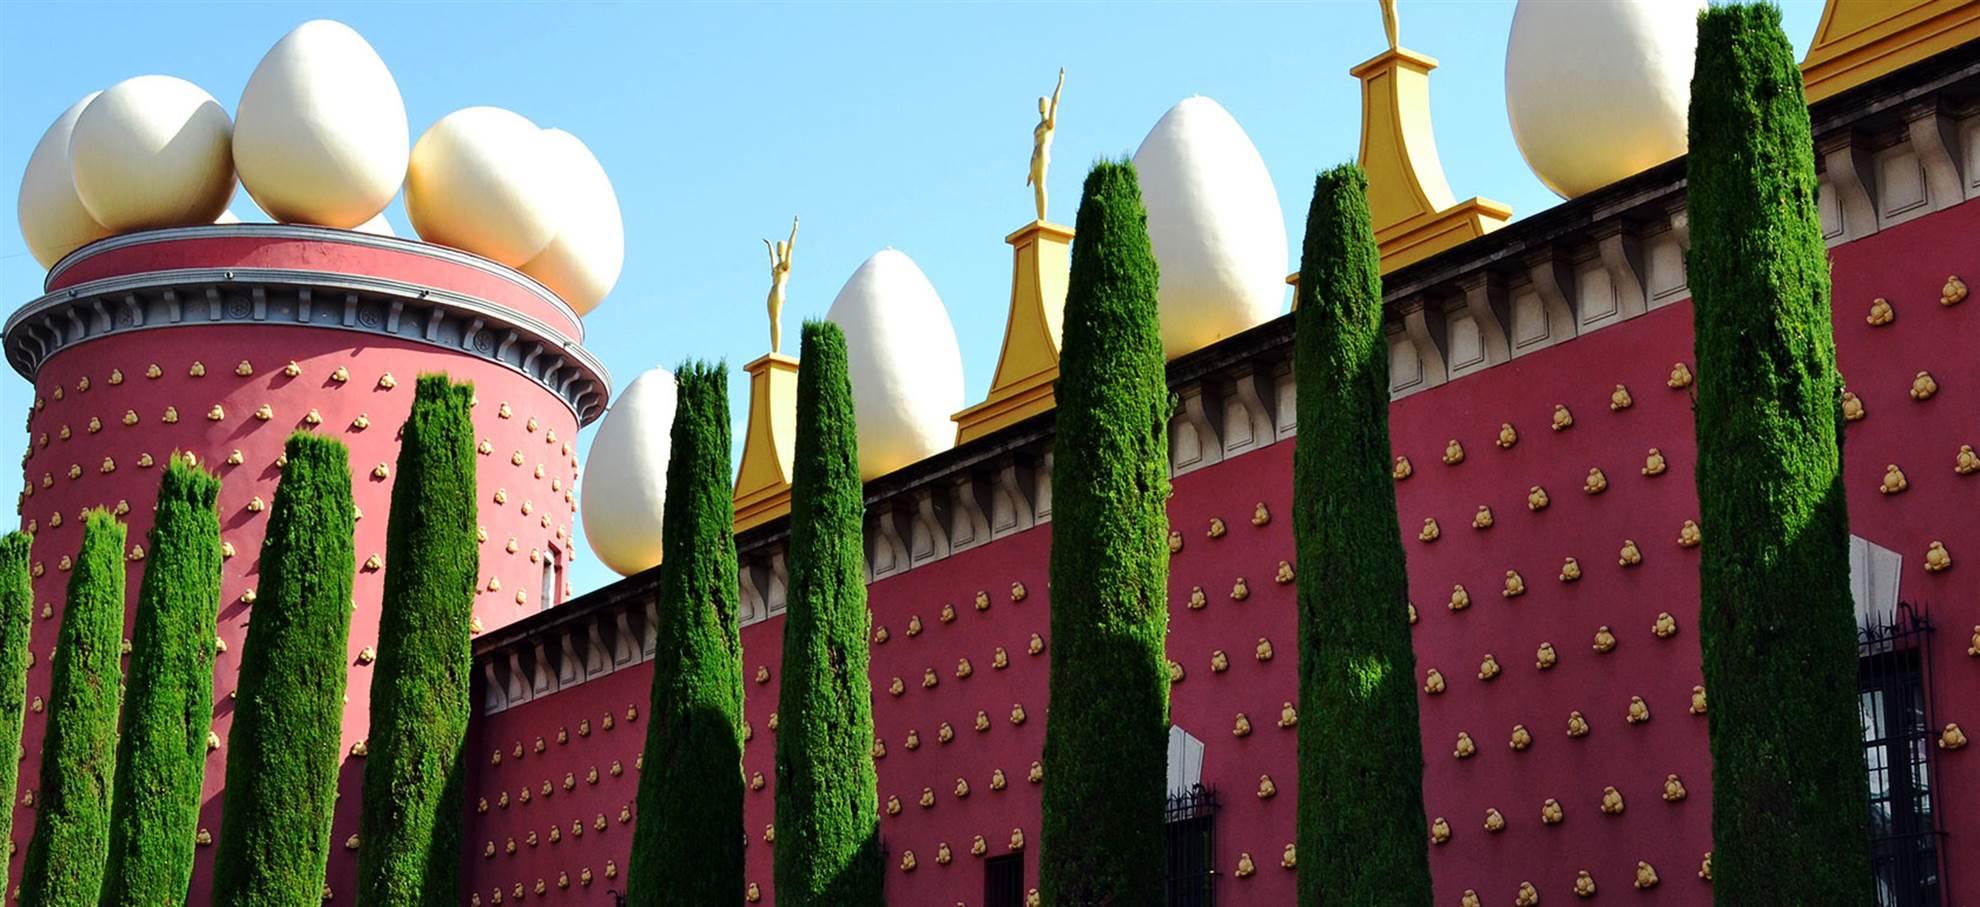 Le musée Dalí : billet coupe-file + transfert en bus au départ de Barcelone